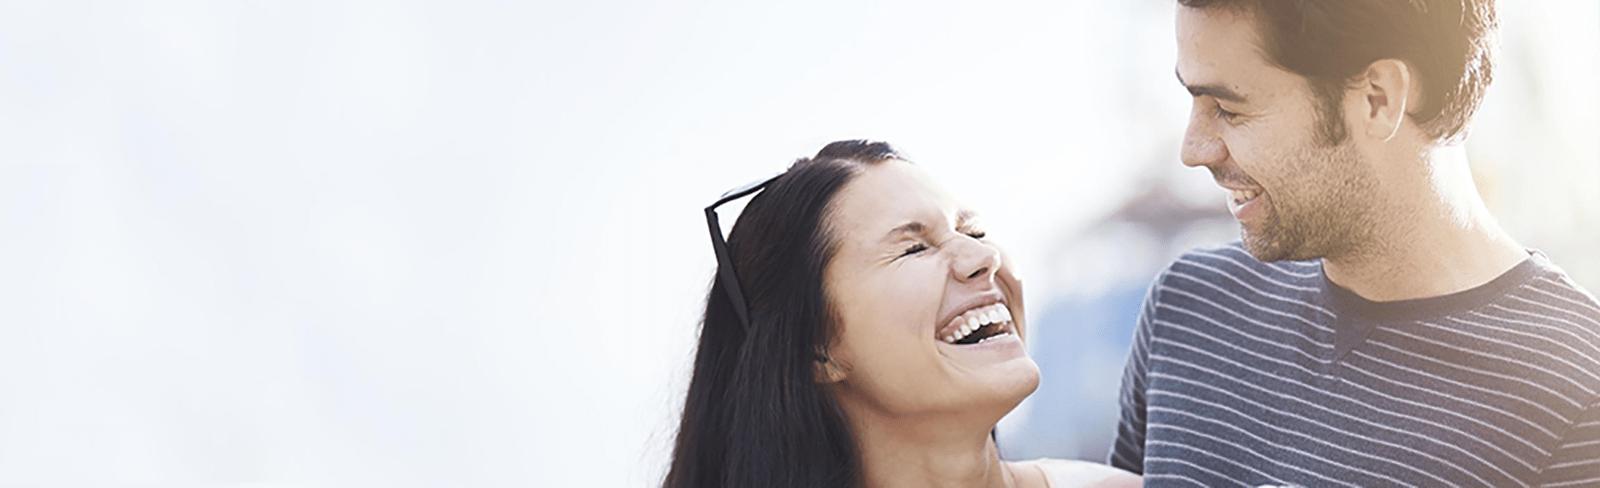 ¿Cómo tu salud bucal está afectando tu relación?